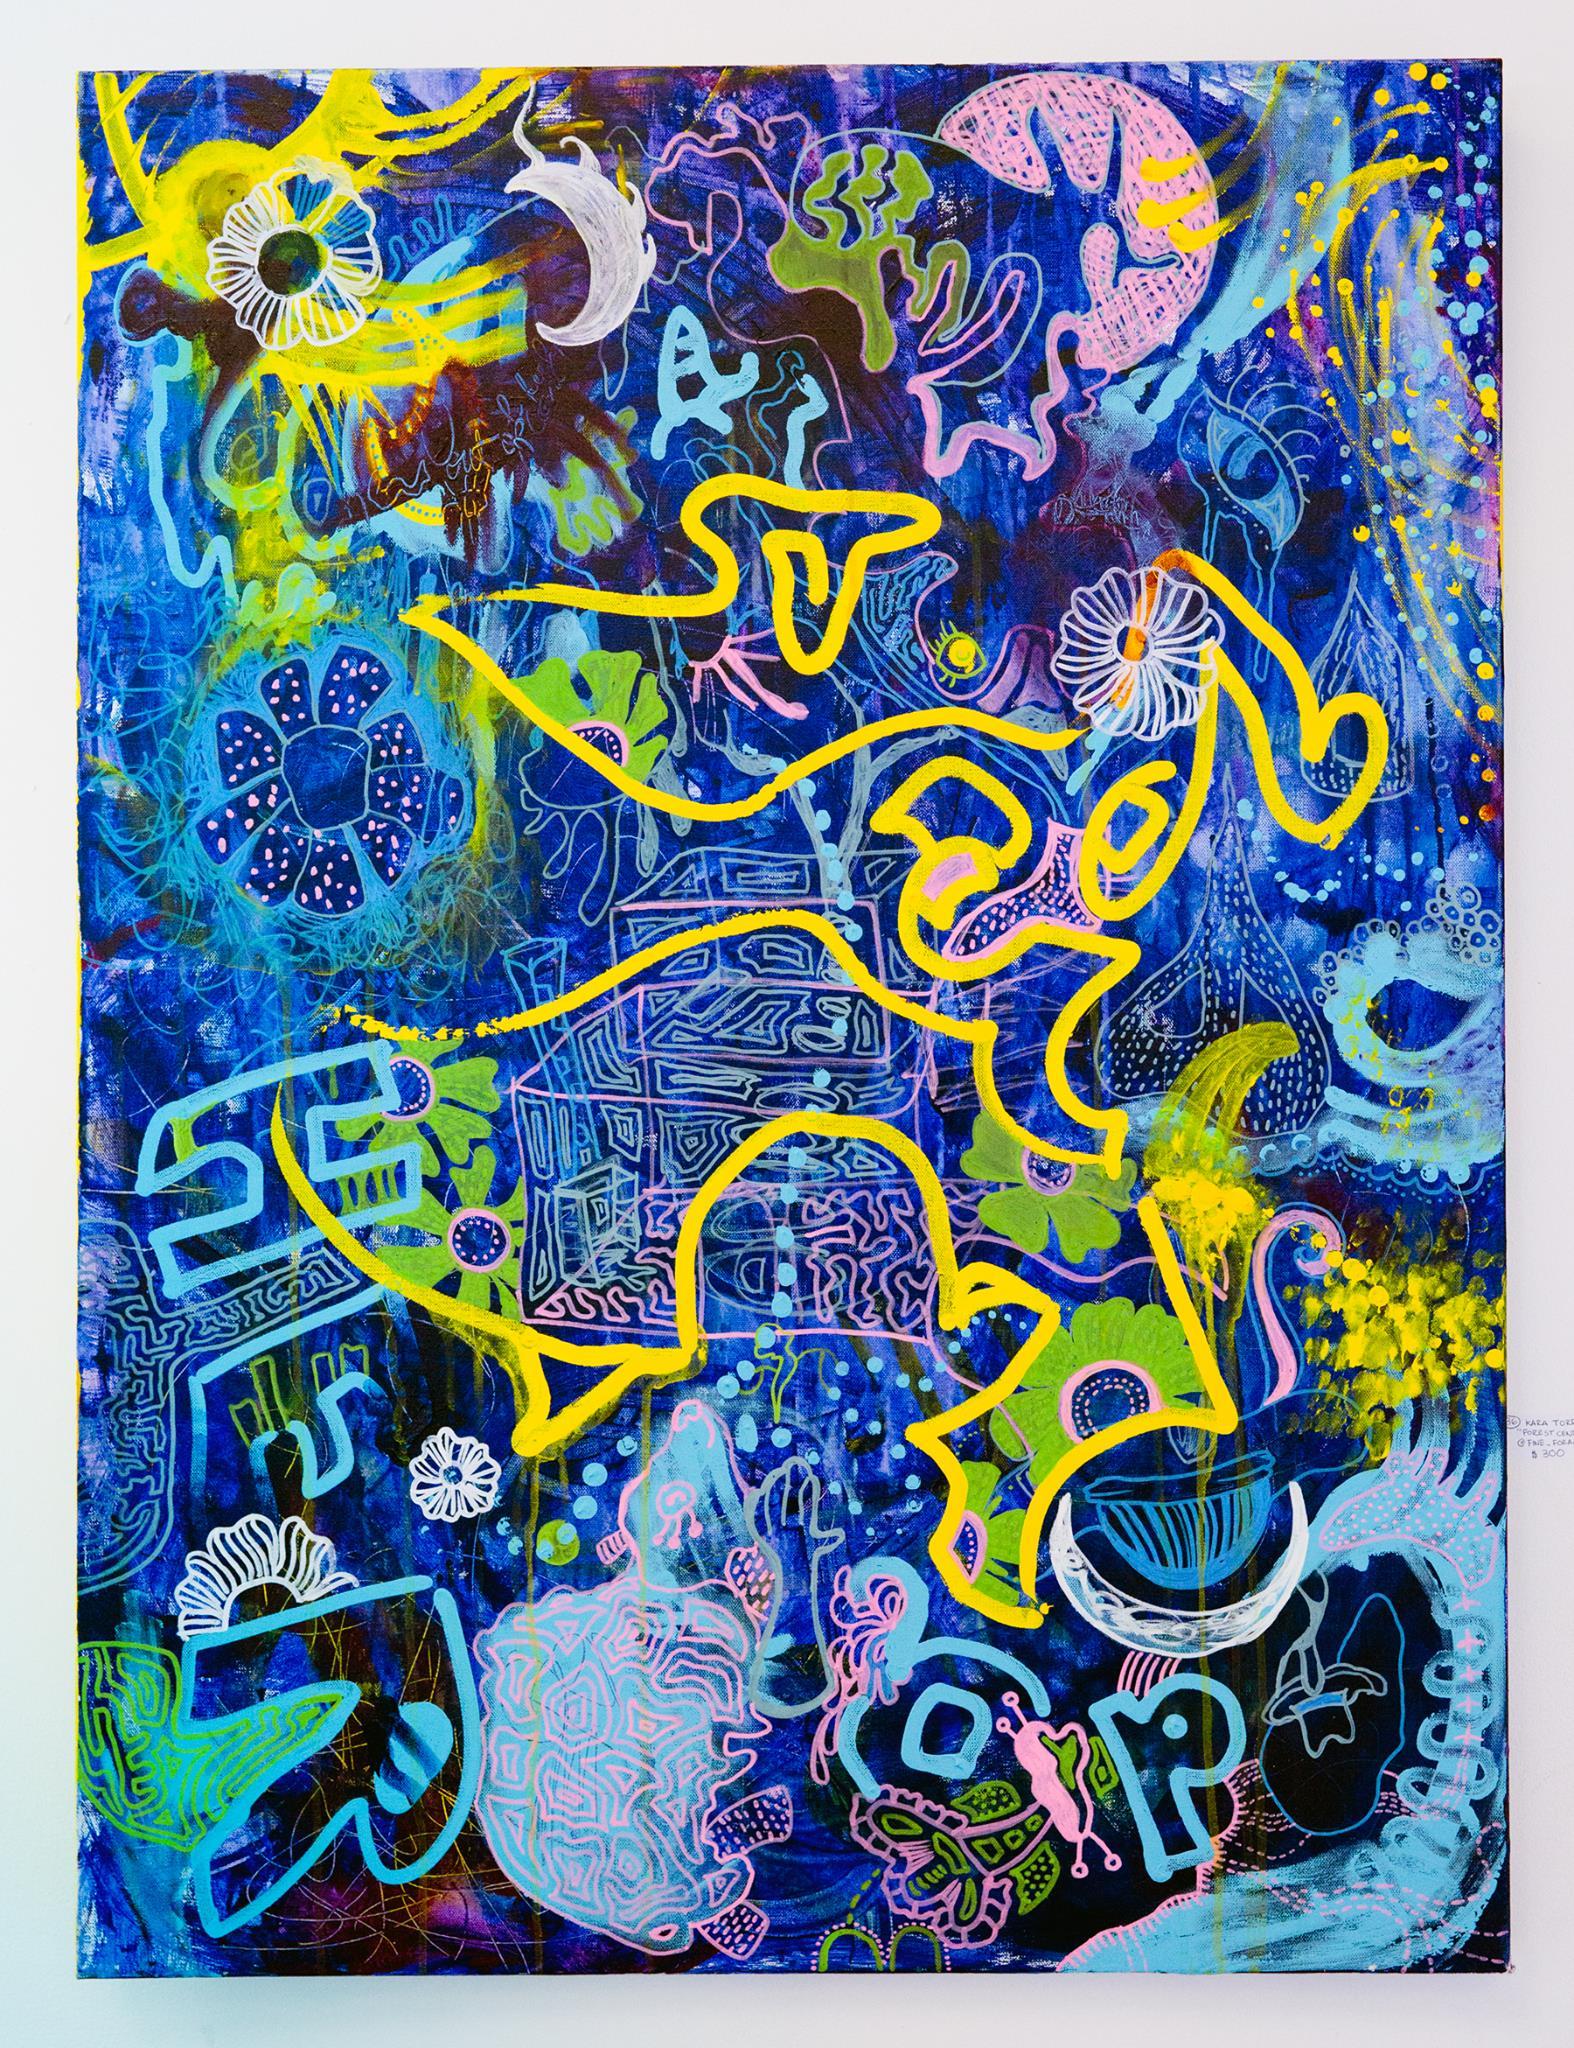 """Kara Torres - """"Forest Central Station"""" Insta: @fine_forager  For Sale: $300"""